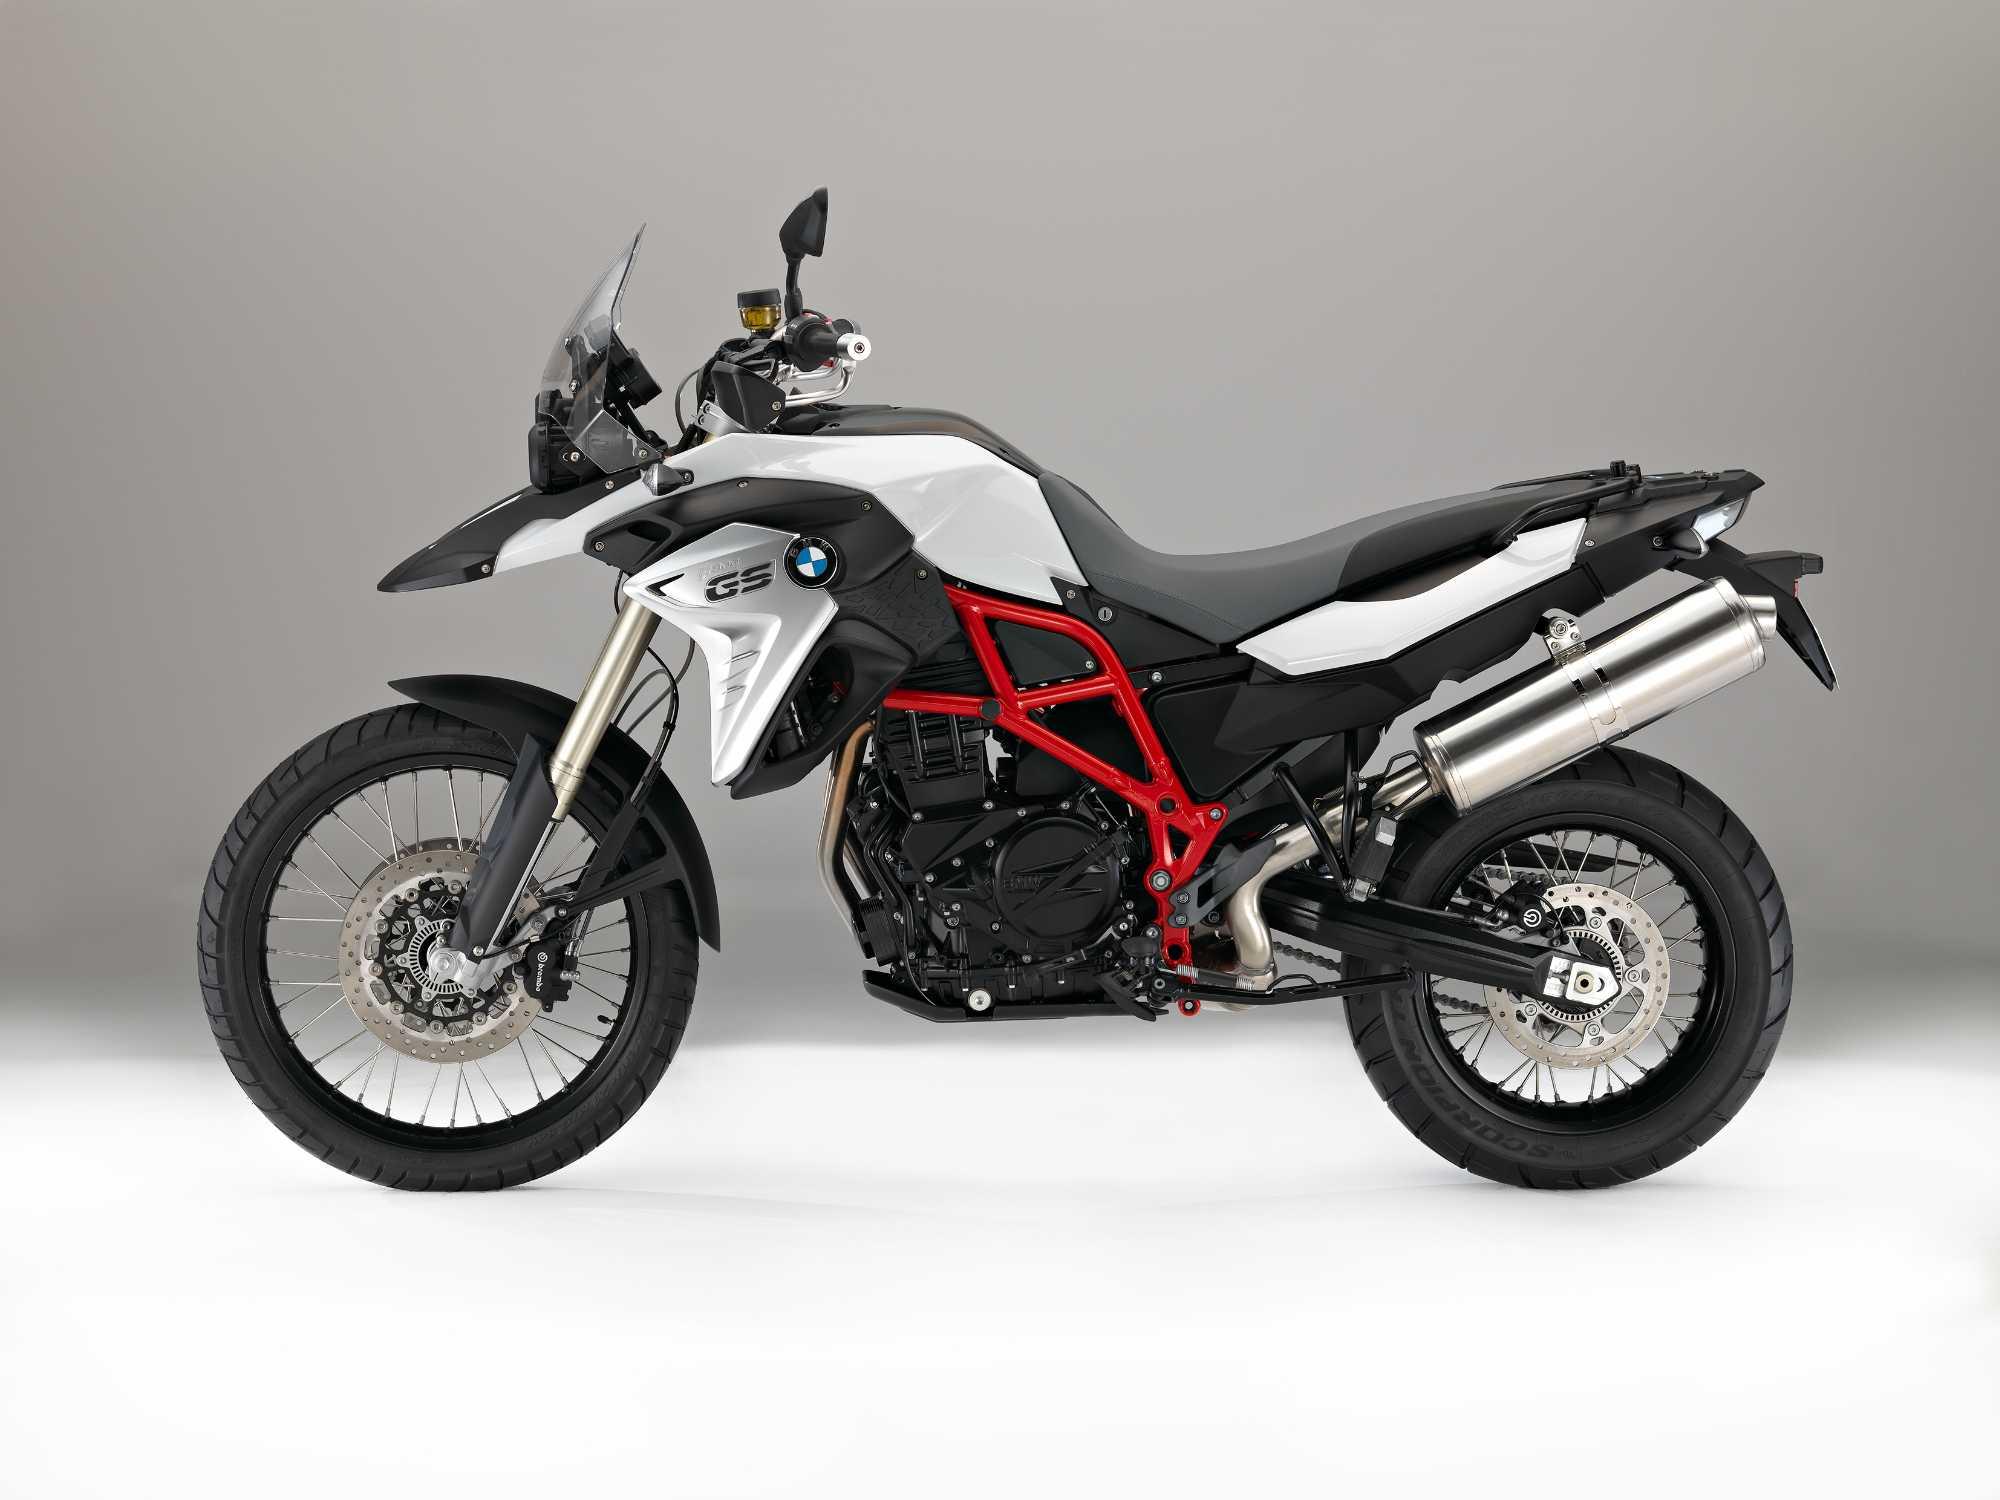 Bmw Motorrad Präsentiert Die Neue Bmw F 700 Gs Und F 800 Gs